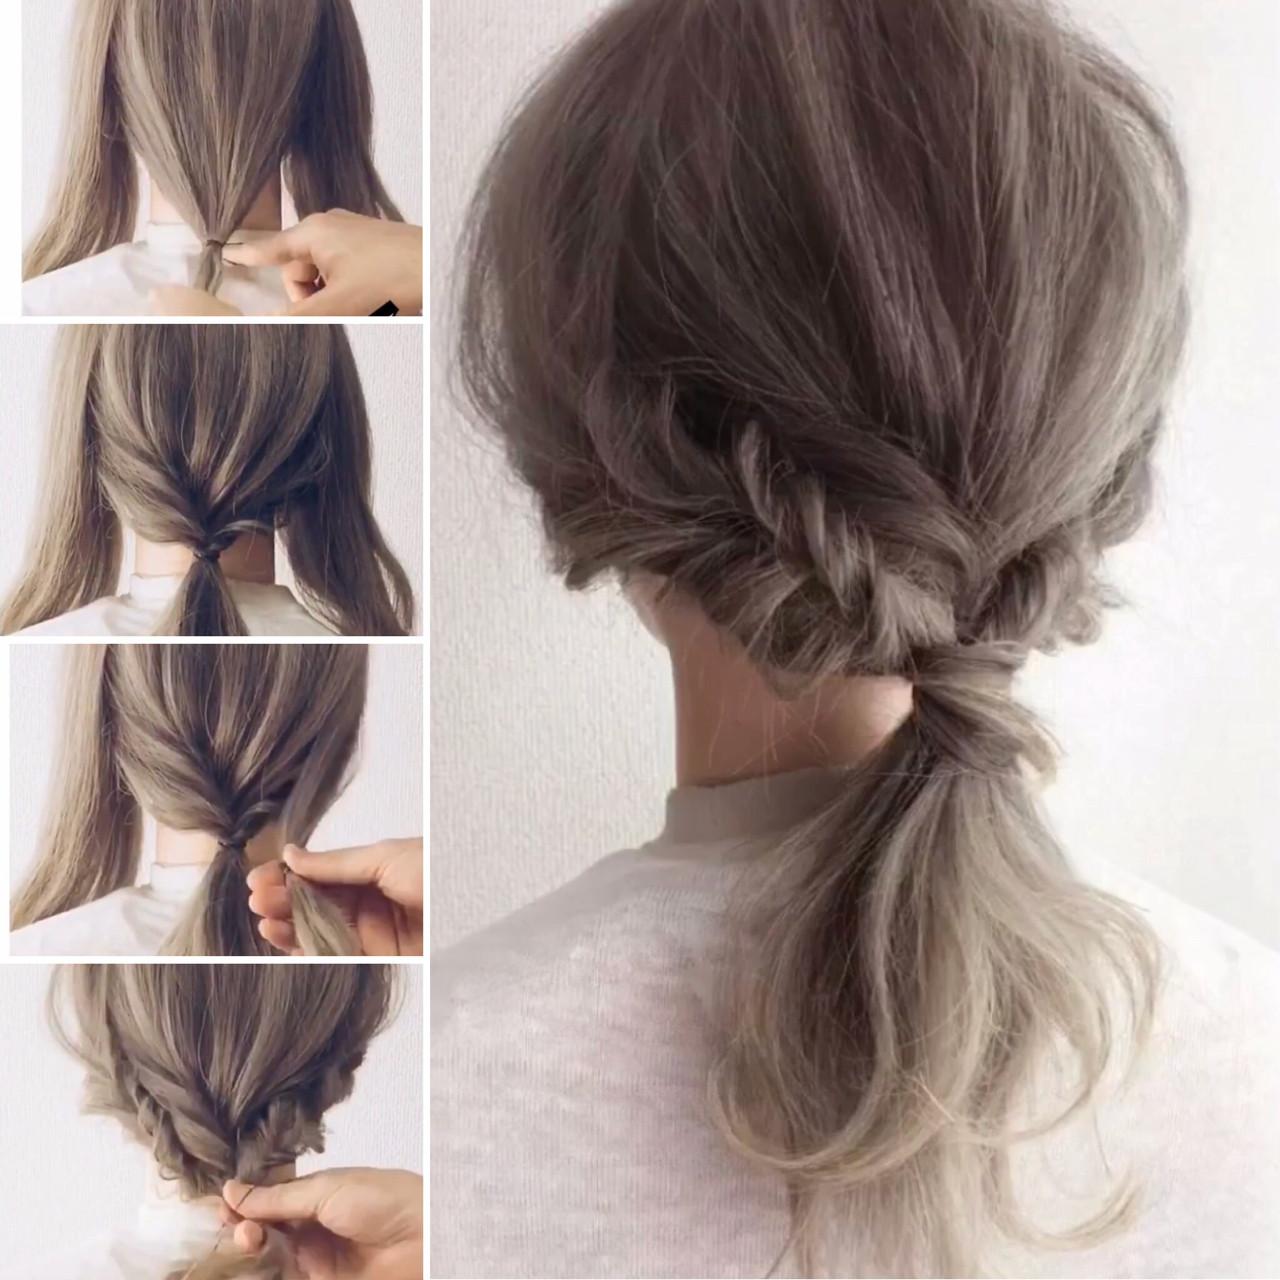 フェミニン ヘアアレンジ ロング 簡単ヘアアレンジ ヘアスタイルや髪型の写真・画像